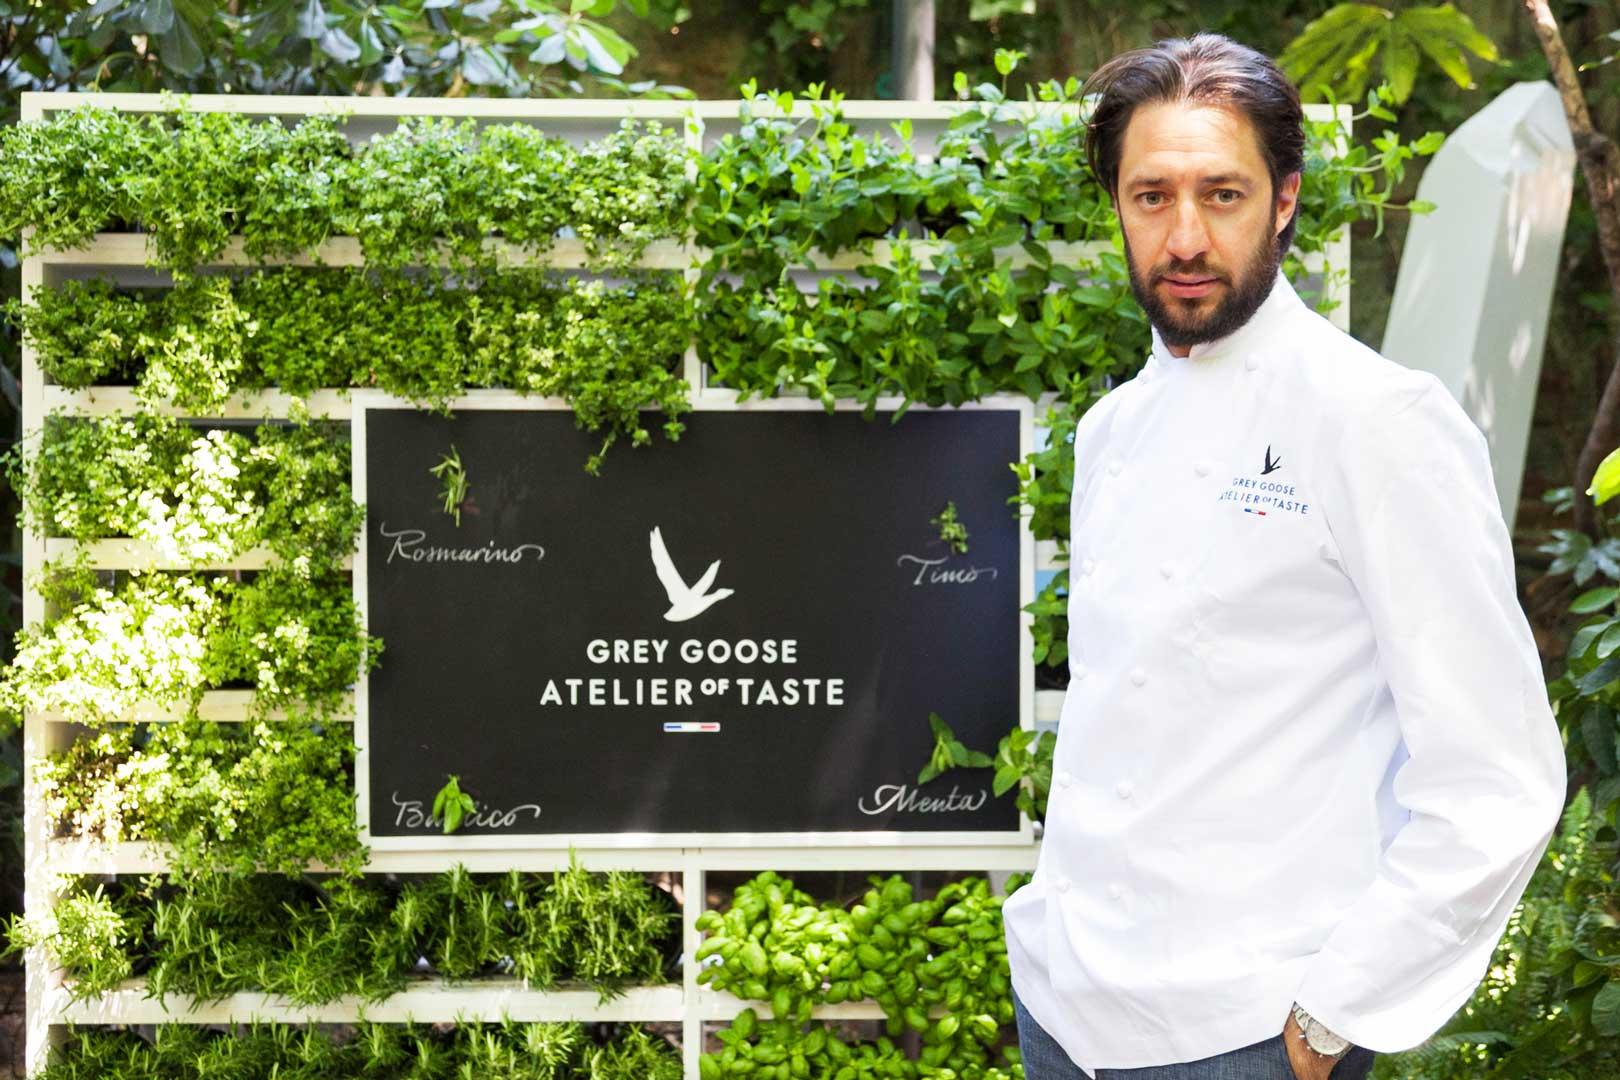 Grey Goose Atelier of Taste @ Sheraton Diana Majestic   Luigi Taglienti